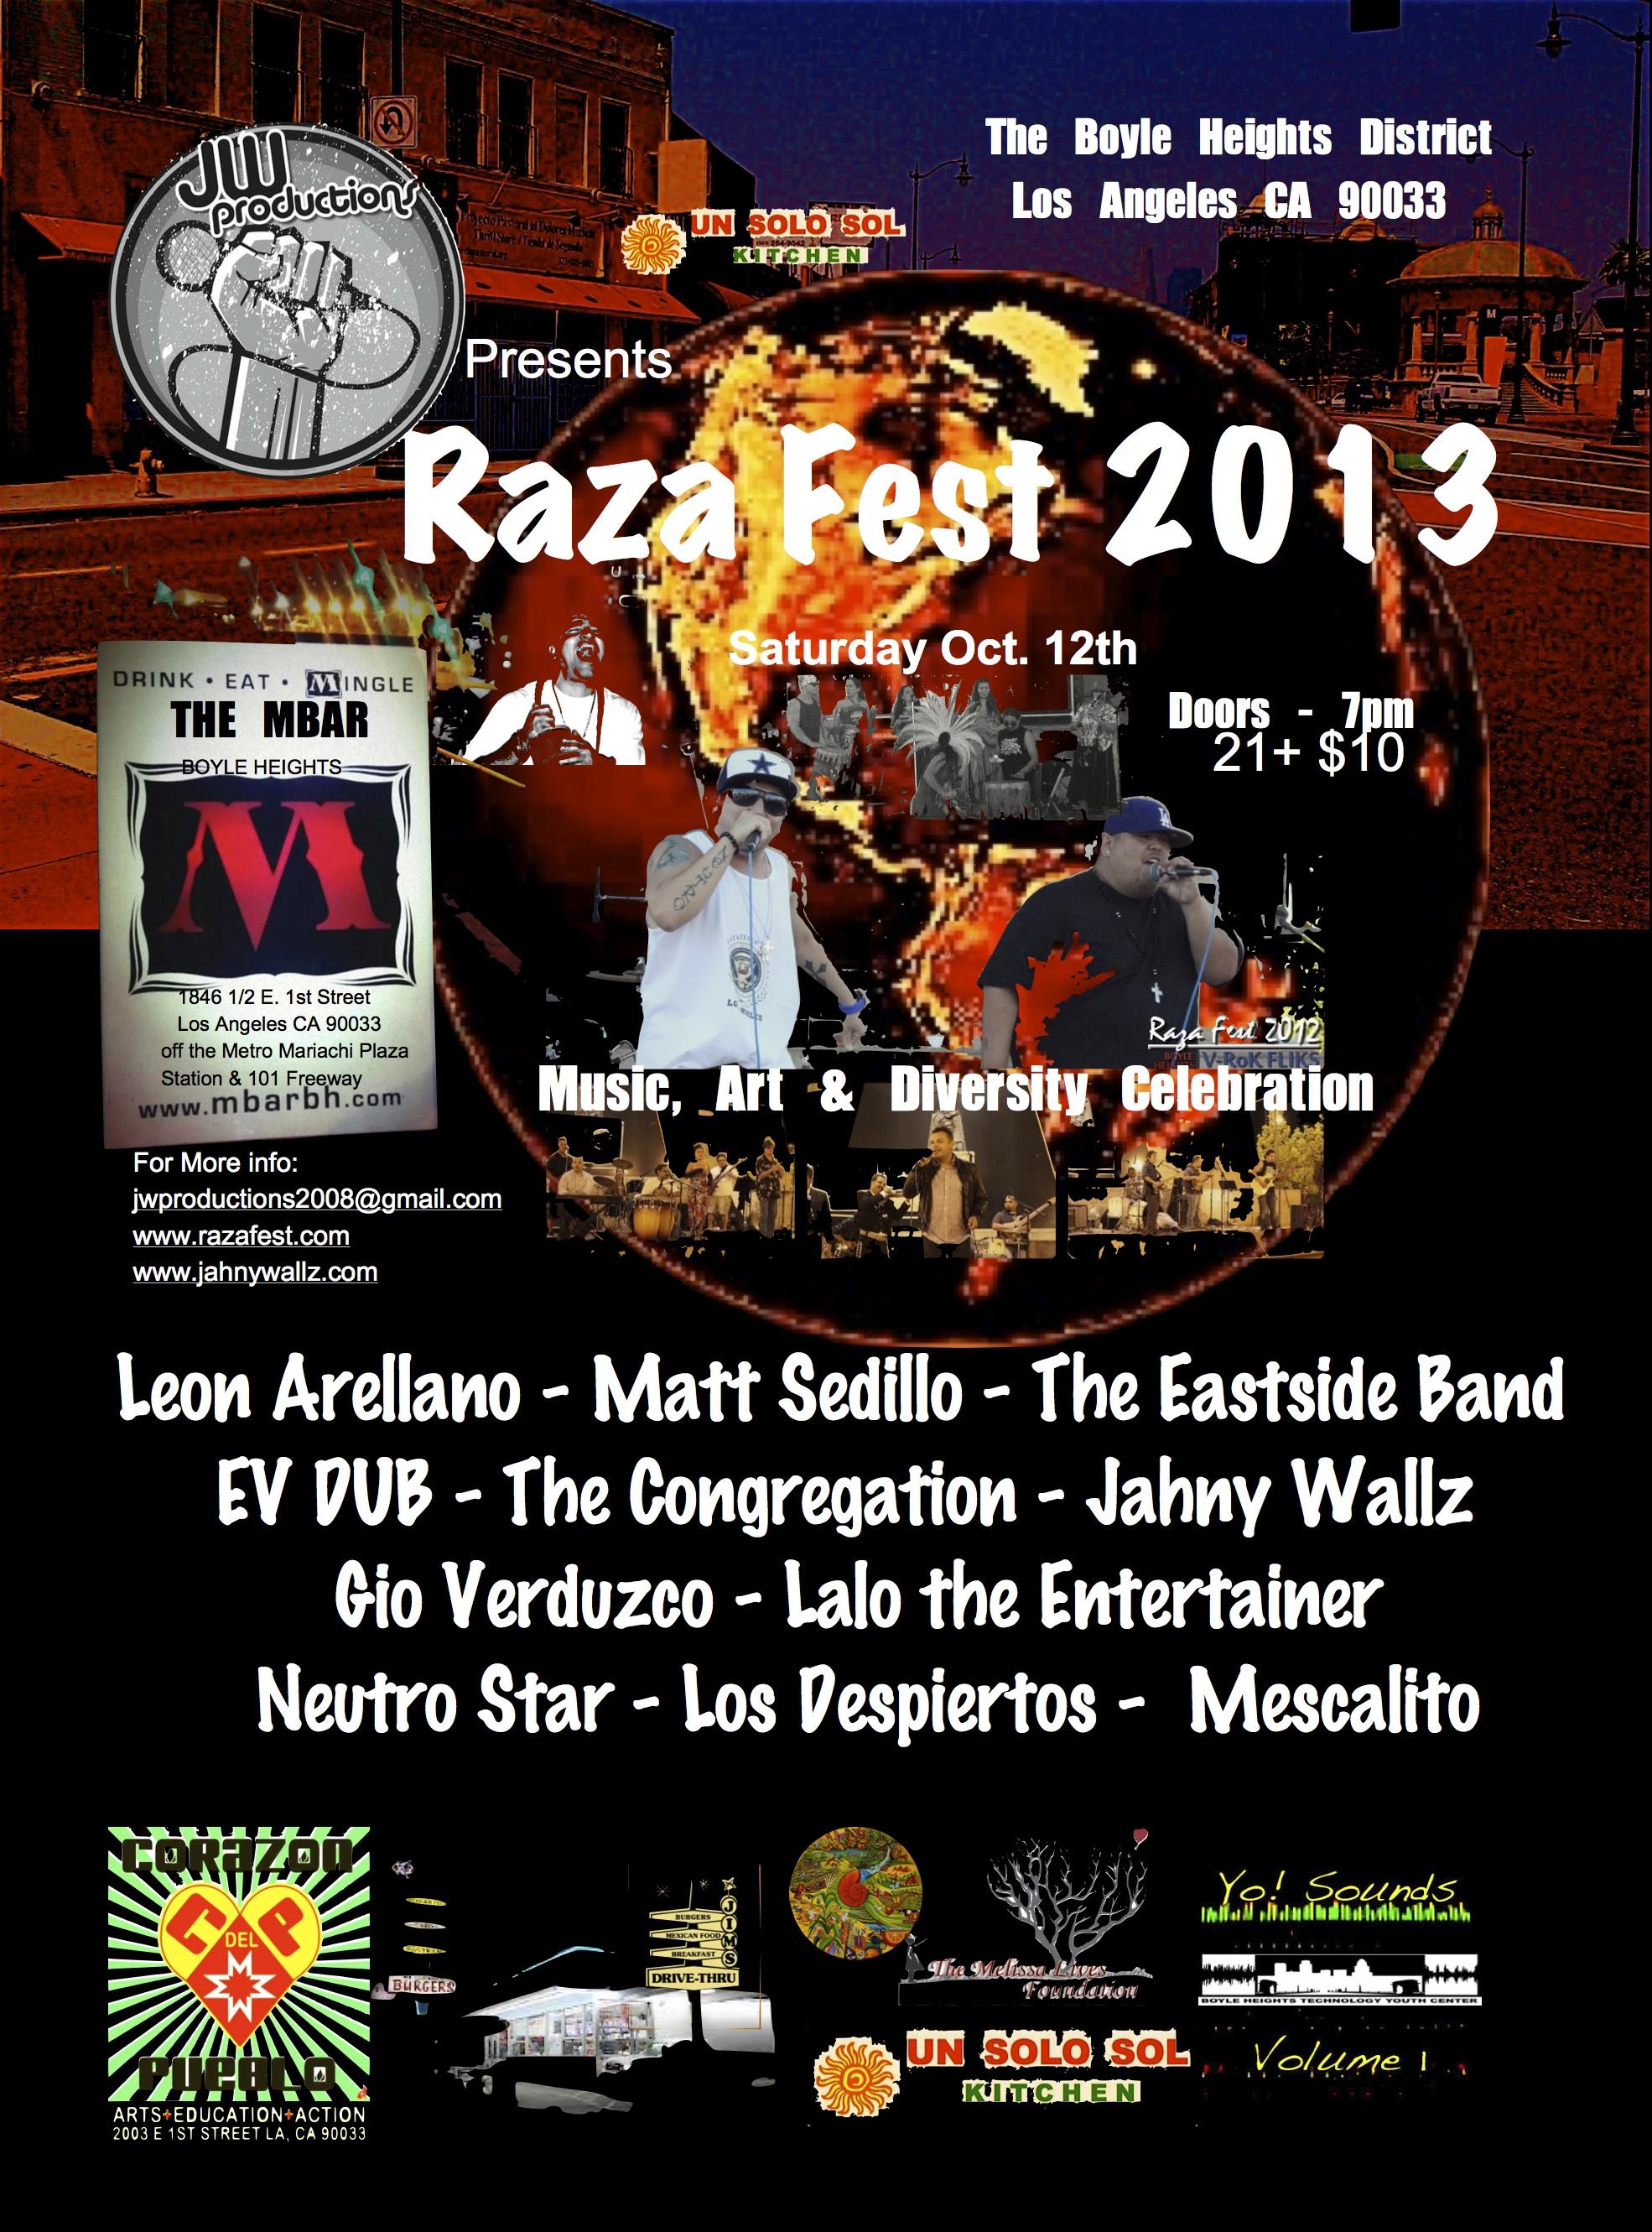 Raza Fest 2013